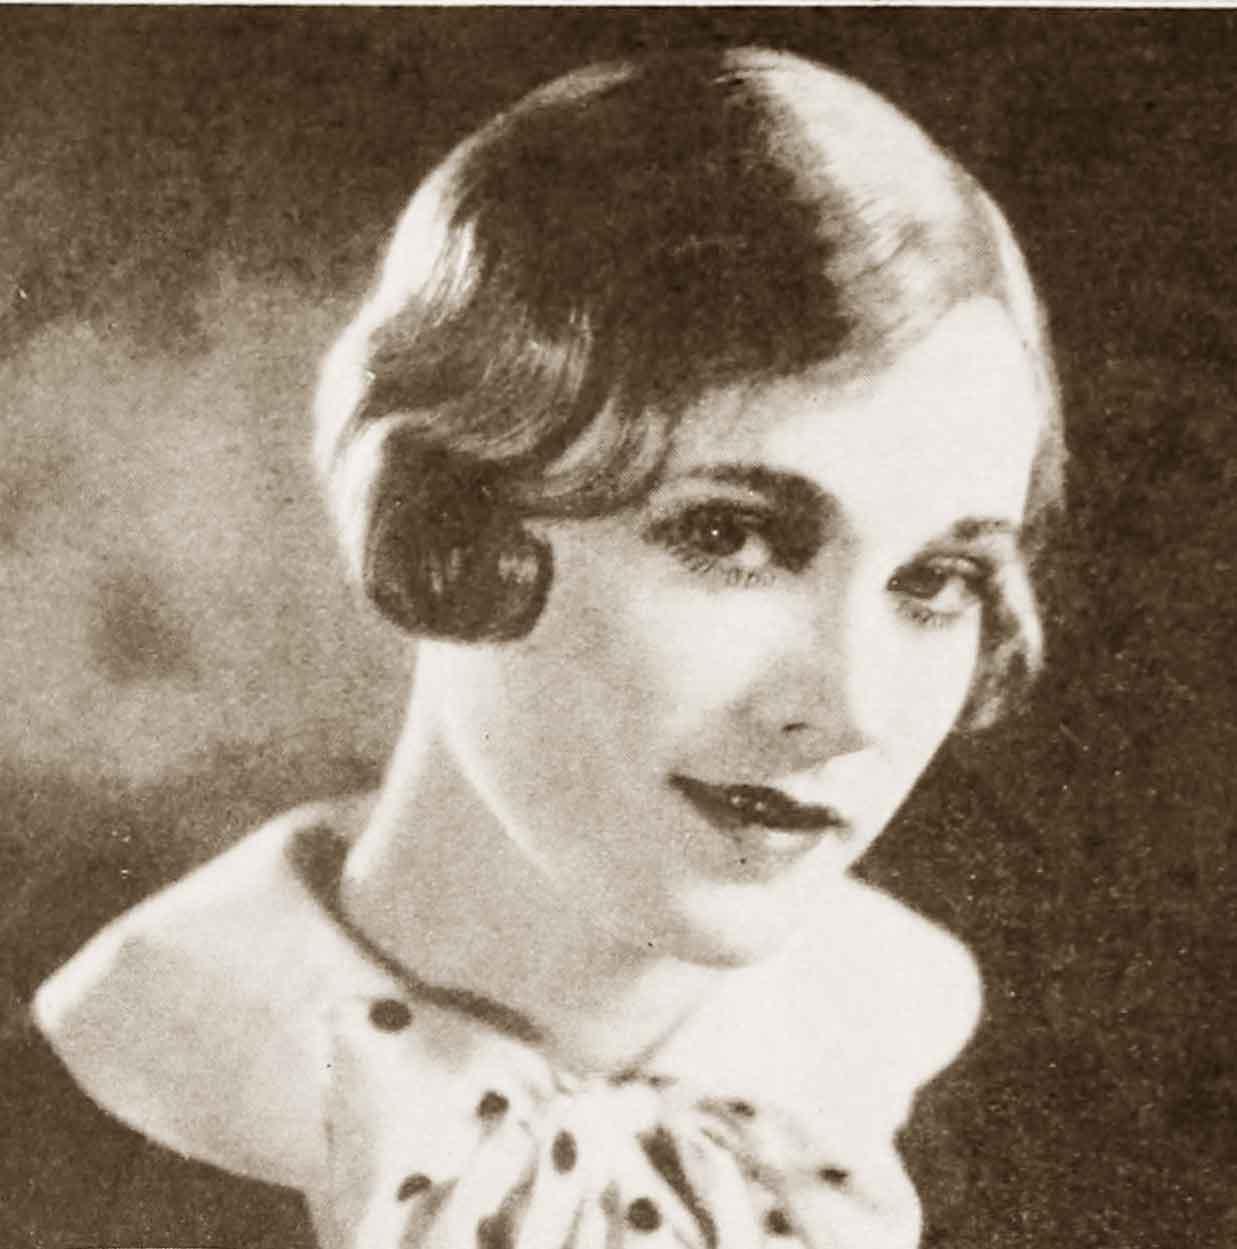 Sensational 1920S Hairstyles New Bobbed Hairstyles For 1925 Glamourdaze Short Hairstyles For Black Women Fulllsitofus